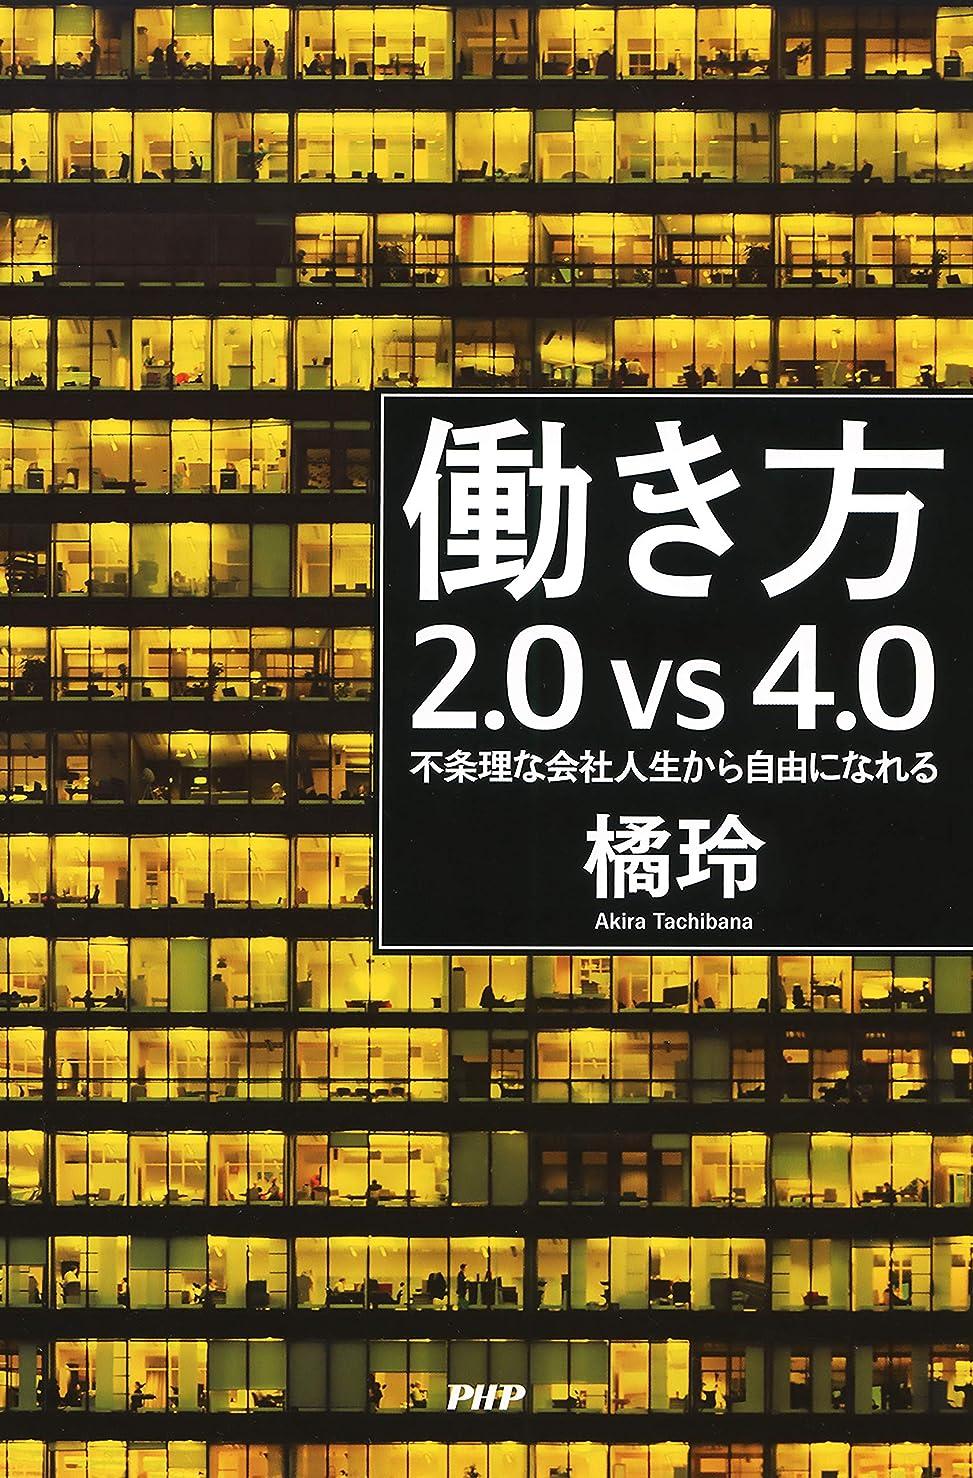 ゲージドライバモルヒネ働き方2.0vs4.0 不条理な会社人生から自由になれる